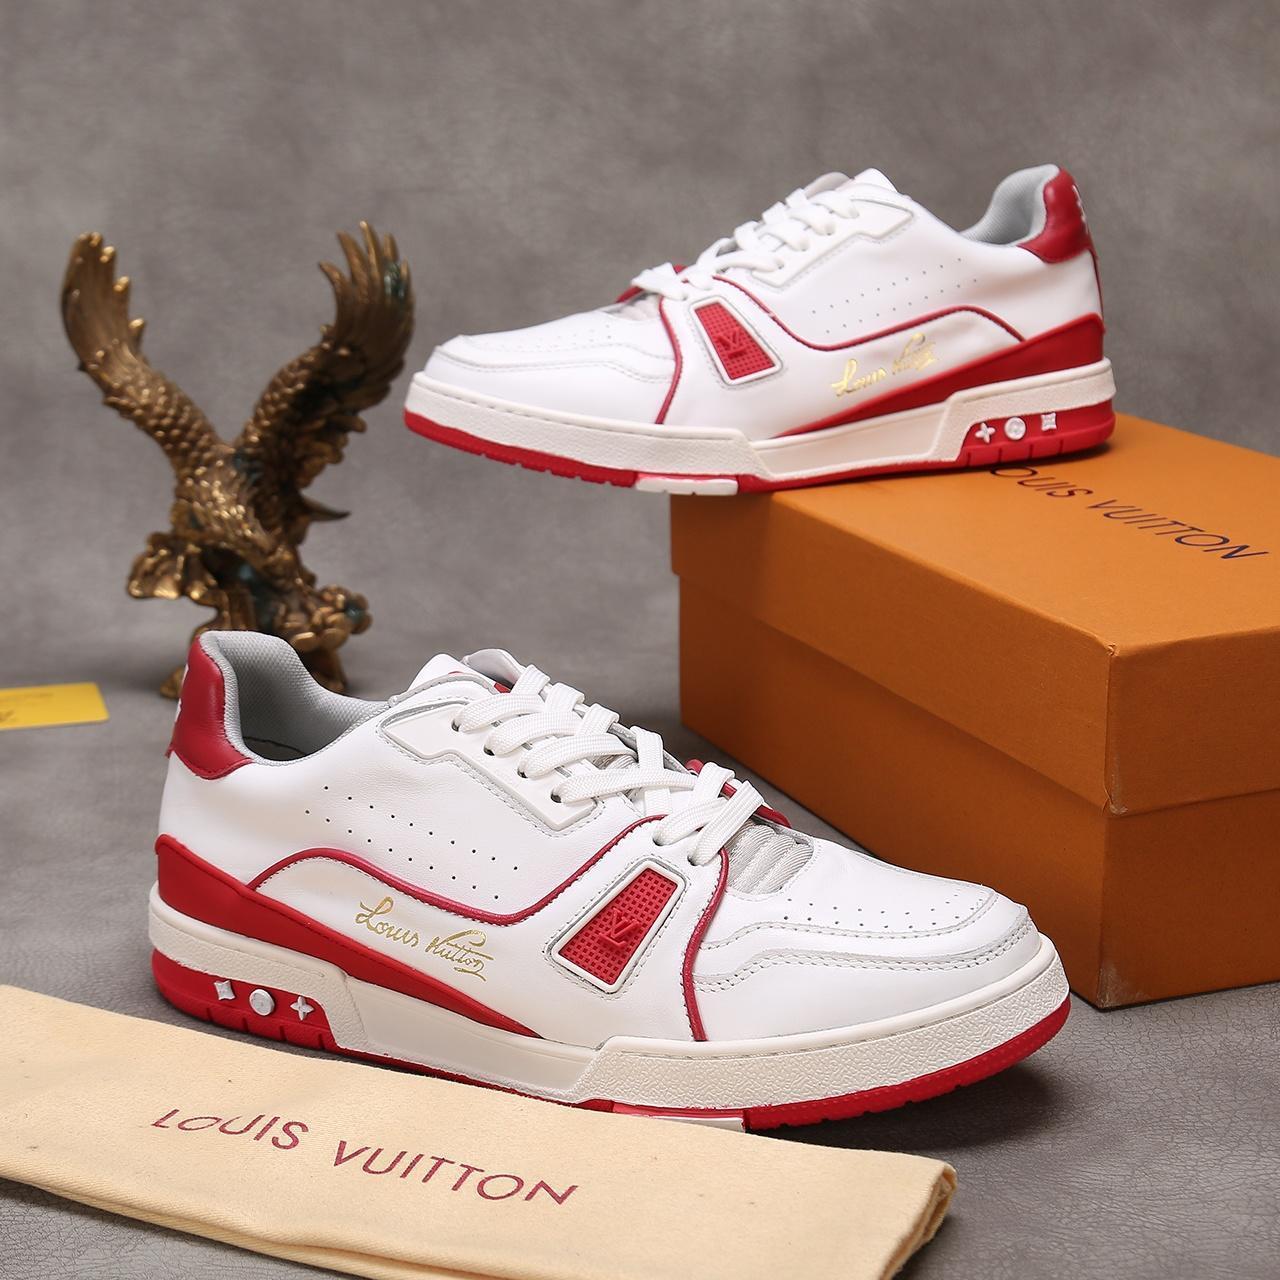 chaussures hommes de luxe de la mode de haute qualité en cuir décontractée chaussures de sport à lacets hommes hommes respirant FORMATEUR espadrille avec boîte packaking 1A54H5